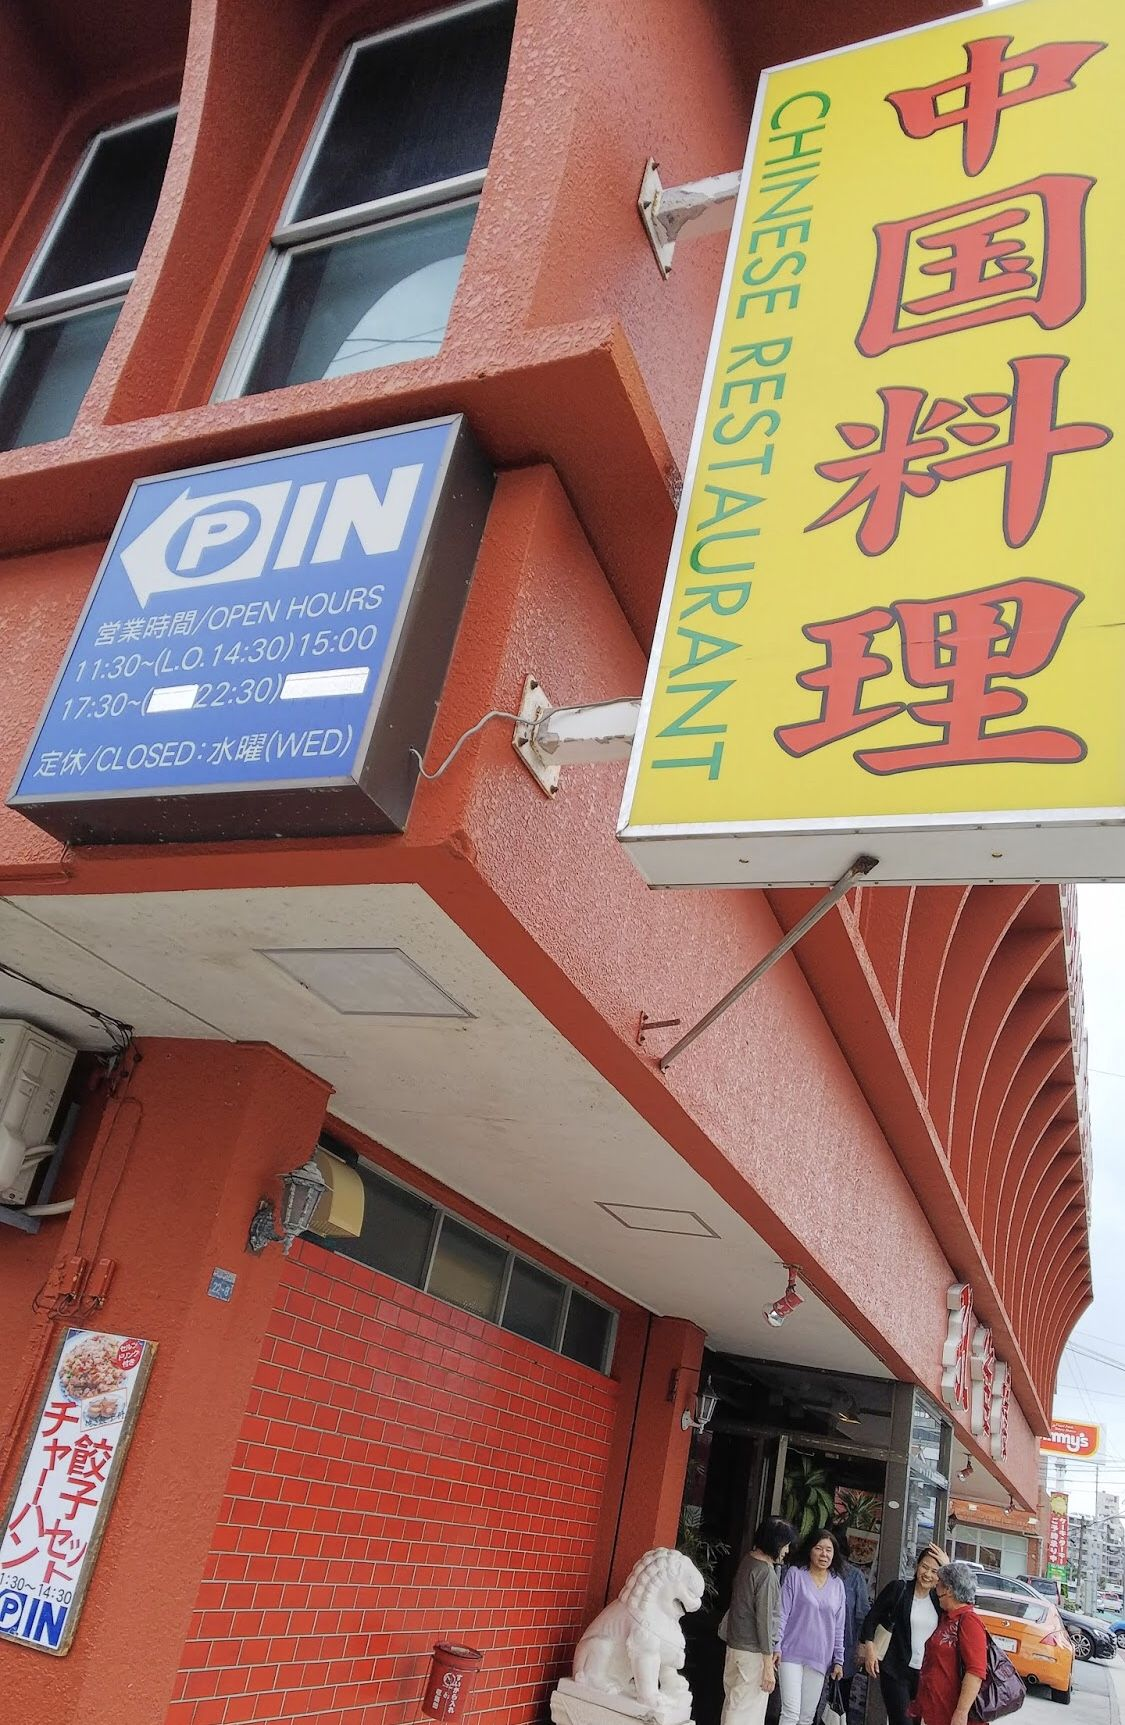 Pin On Okinawa Eats And Treats